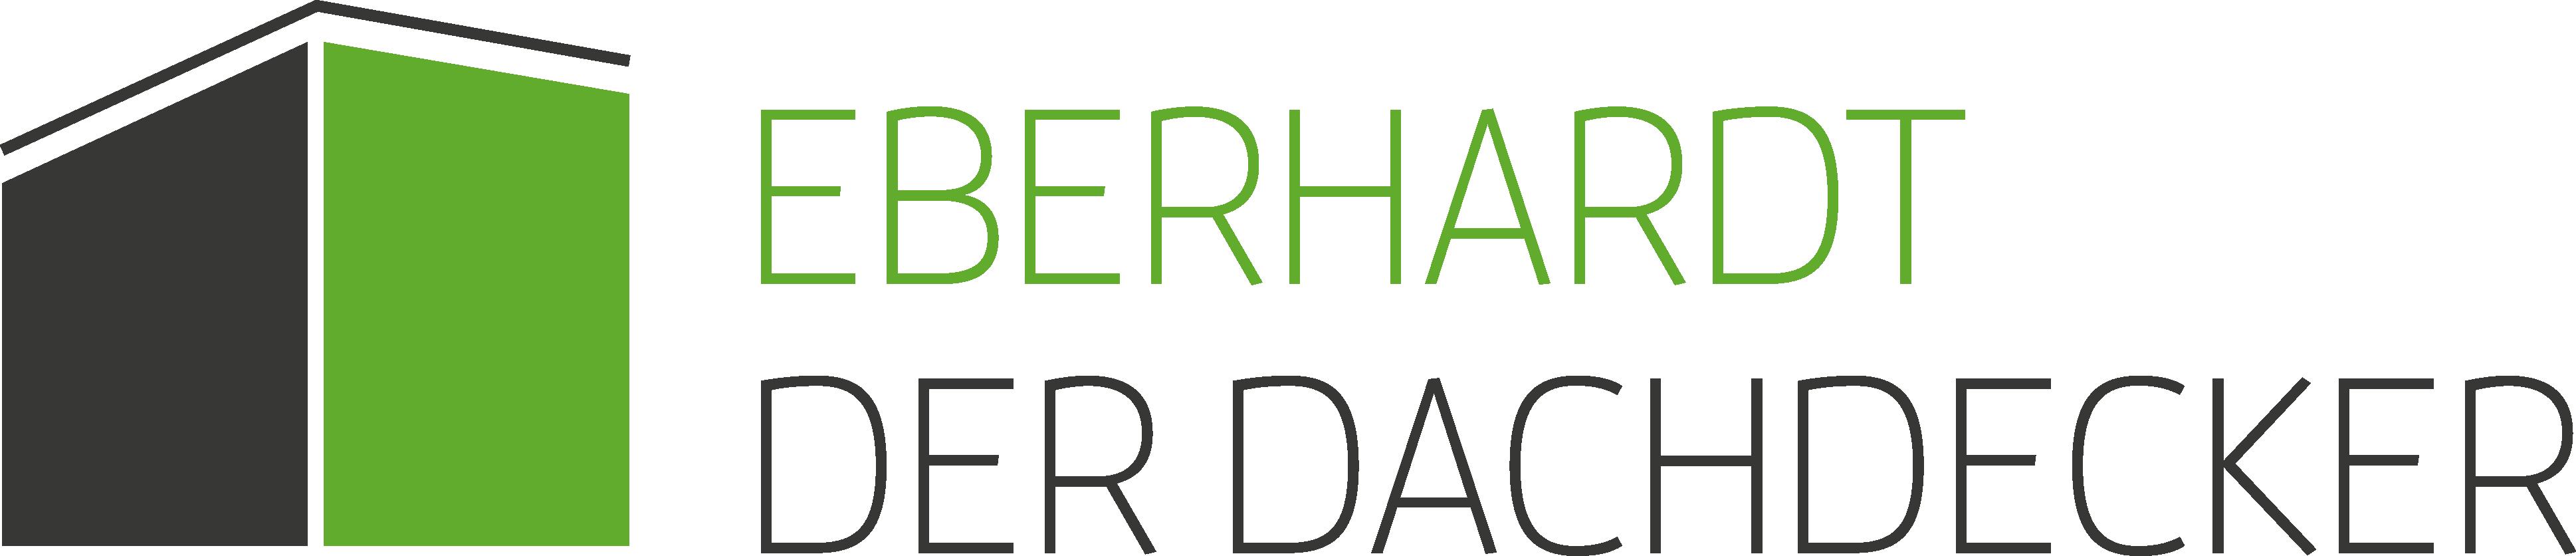 Inspektions Und Wartungsvertrag Steil Und Flachdach Pdf Kostenfreier Download